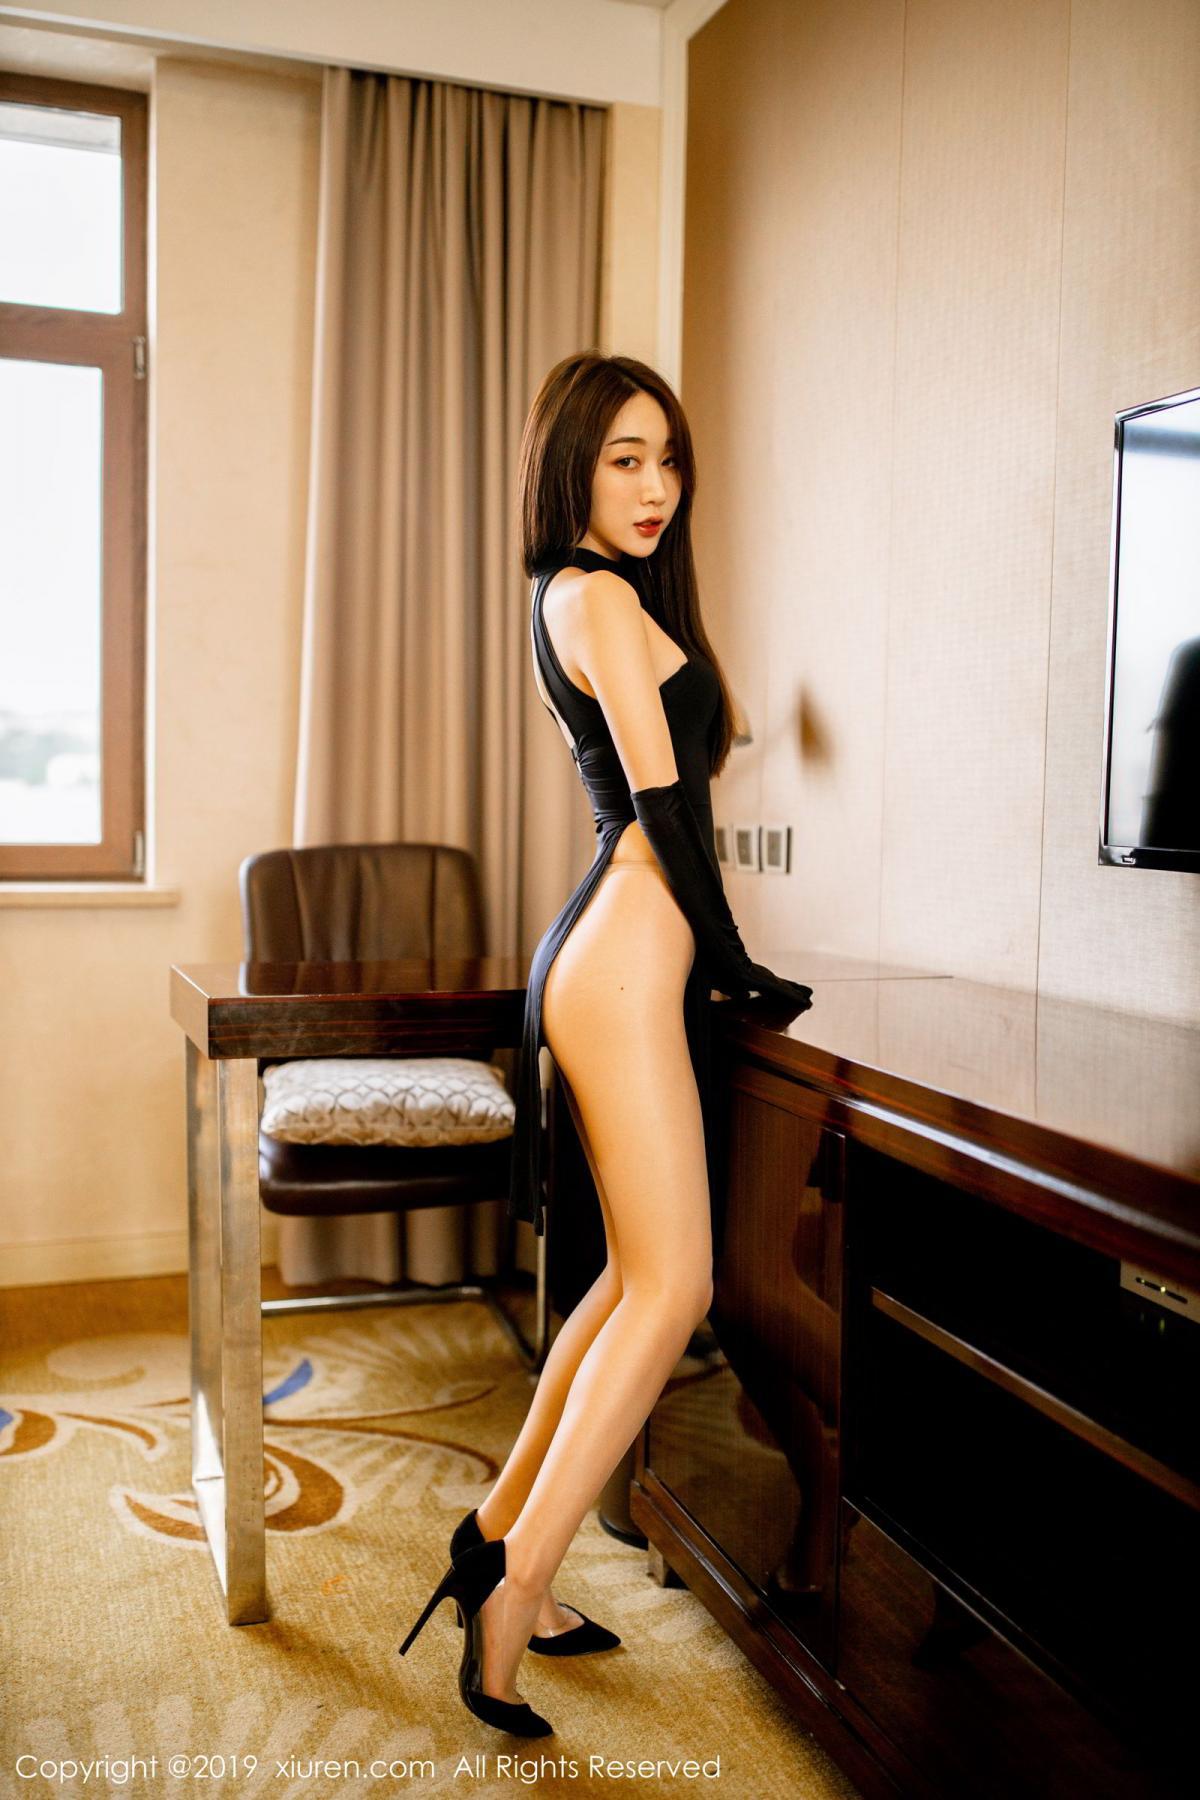 [XiuRen] Vol.1708 Xiao Jiu Yue 38P, Cheongsam, Tall, Xiao Jiu Yue, Xiuren